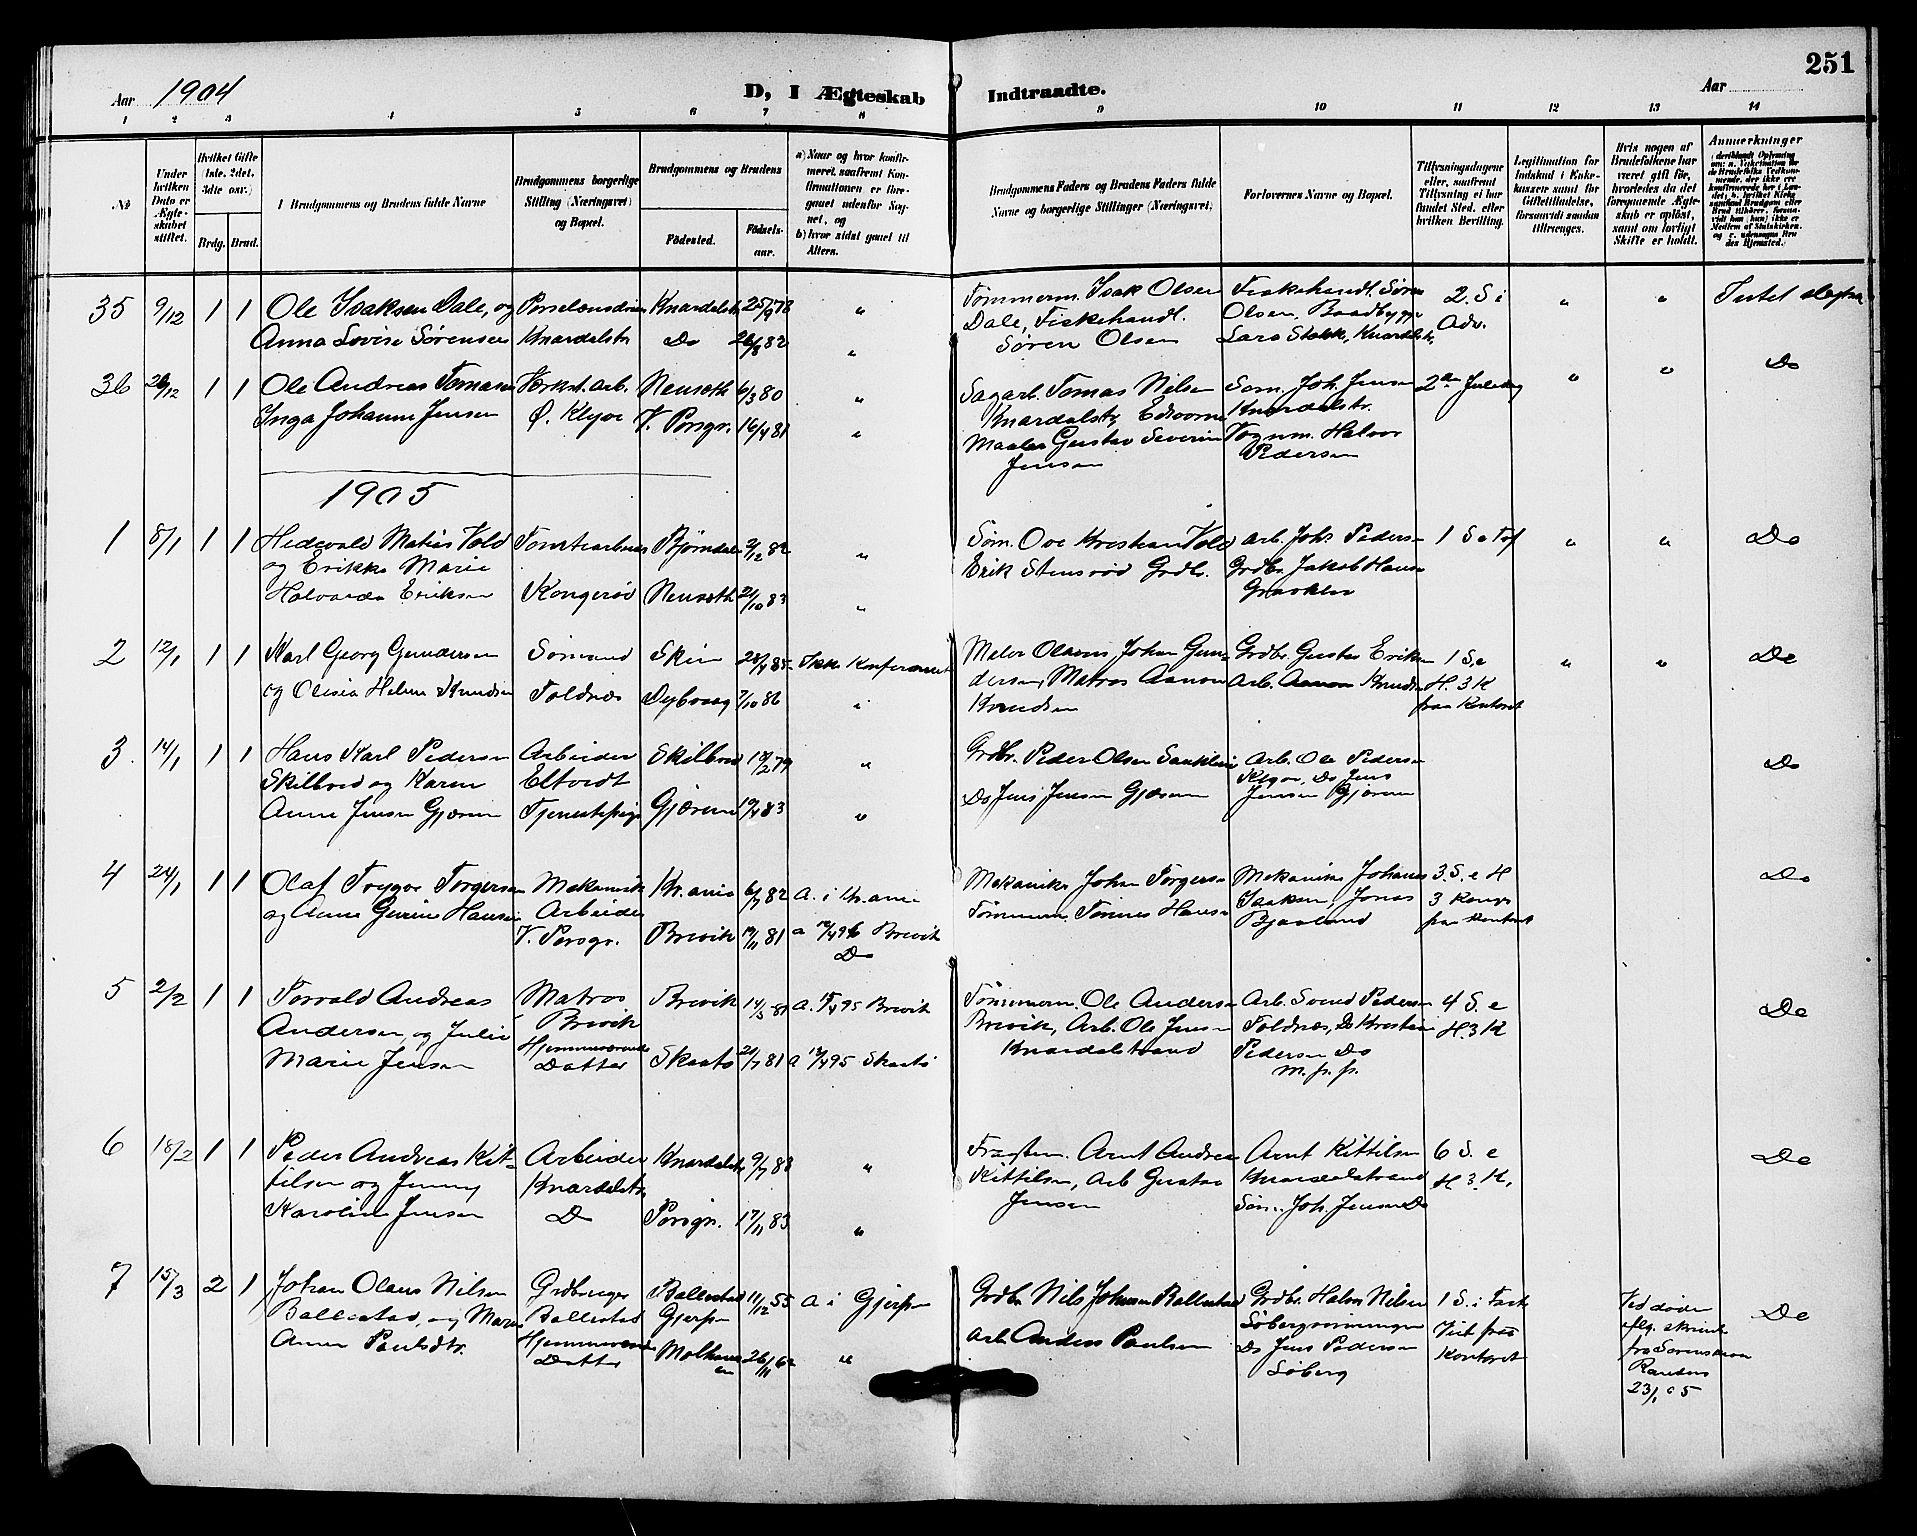 SAKO, Solum kirkebøker, G/Ga/L0008: Klokkerbok nr. I 8, 1898-1909, s. 251